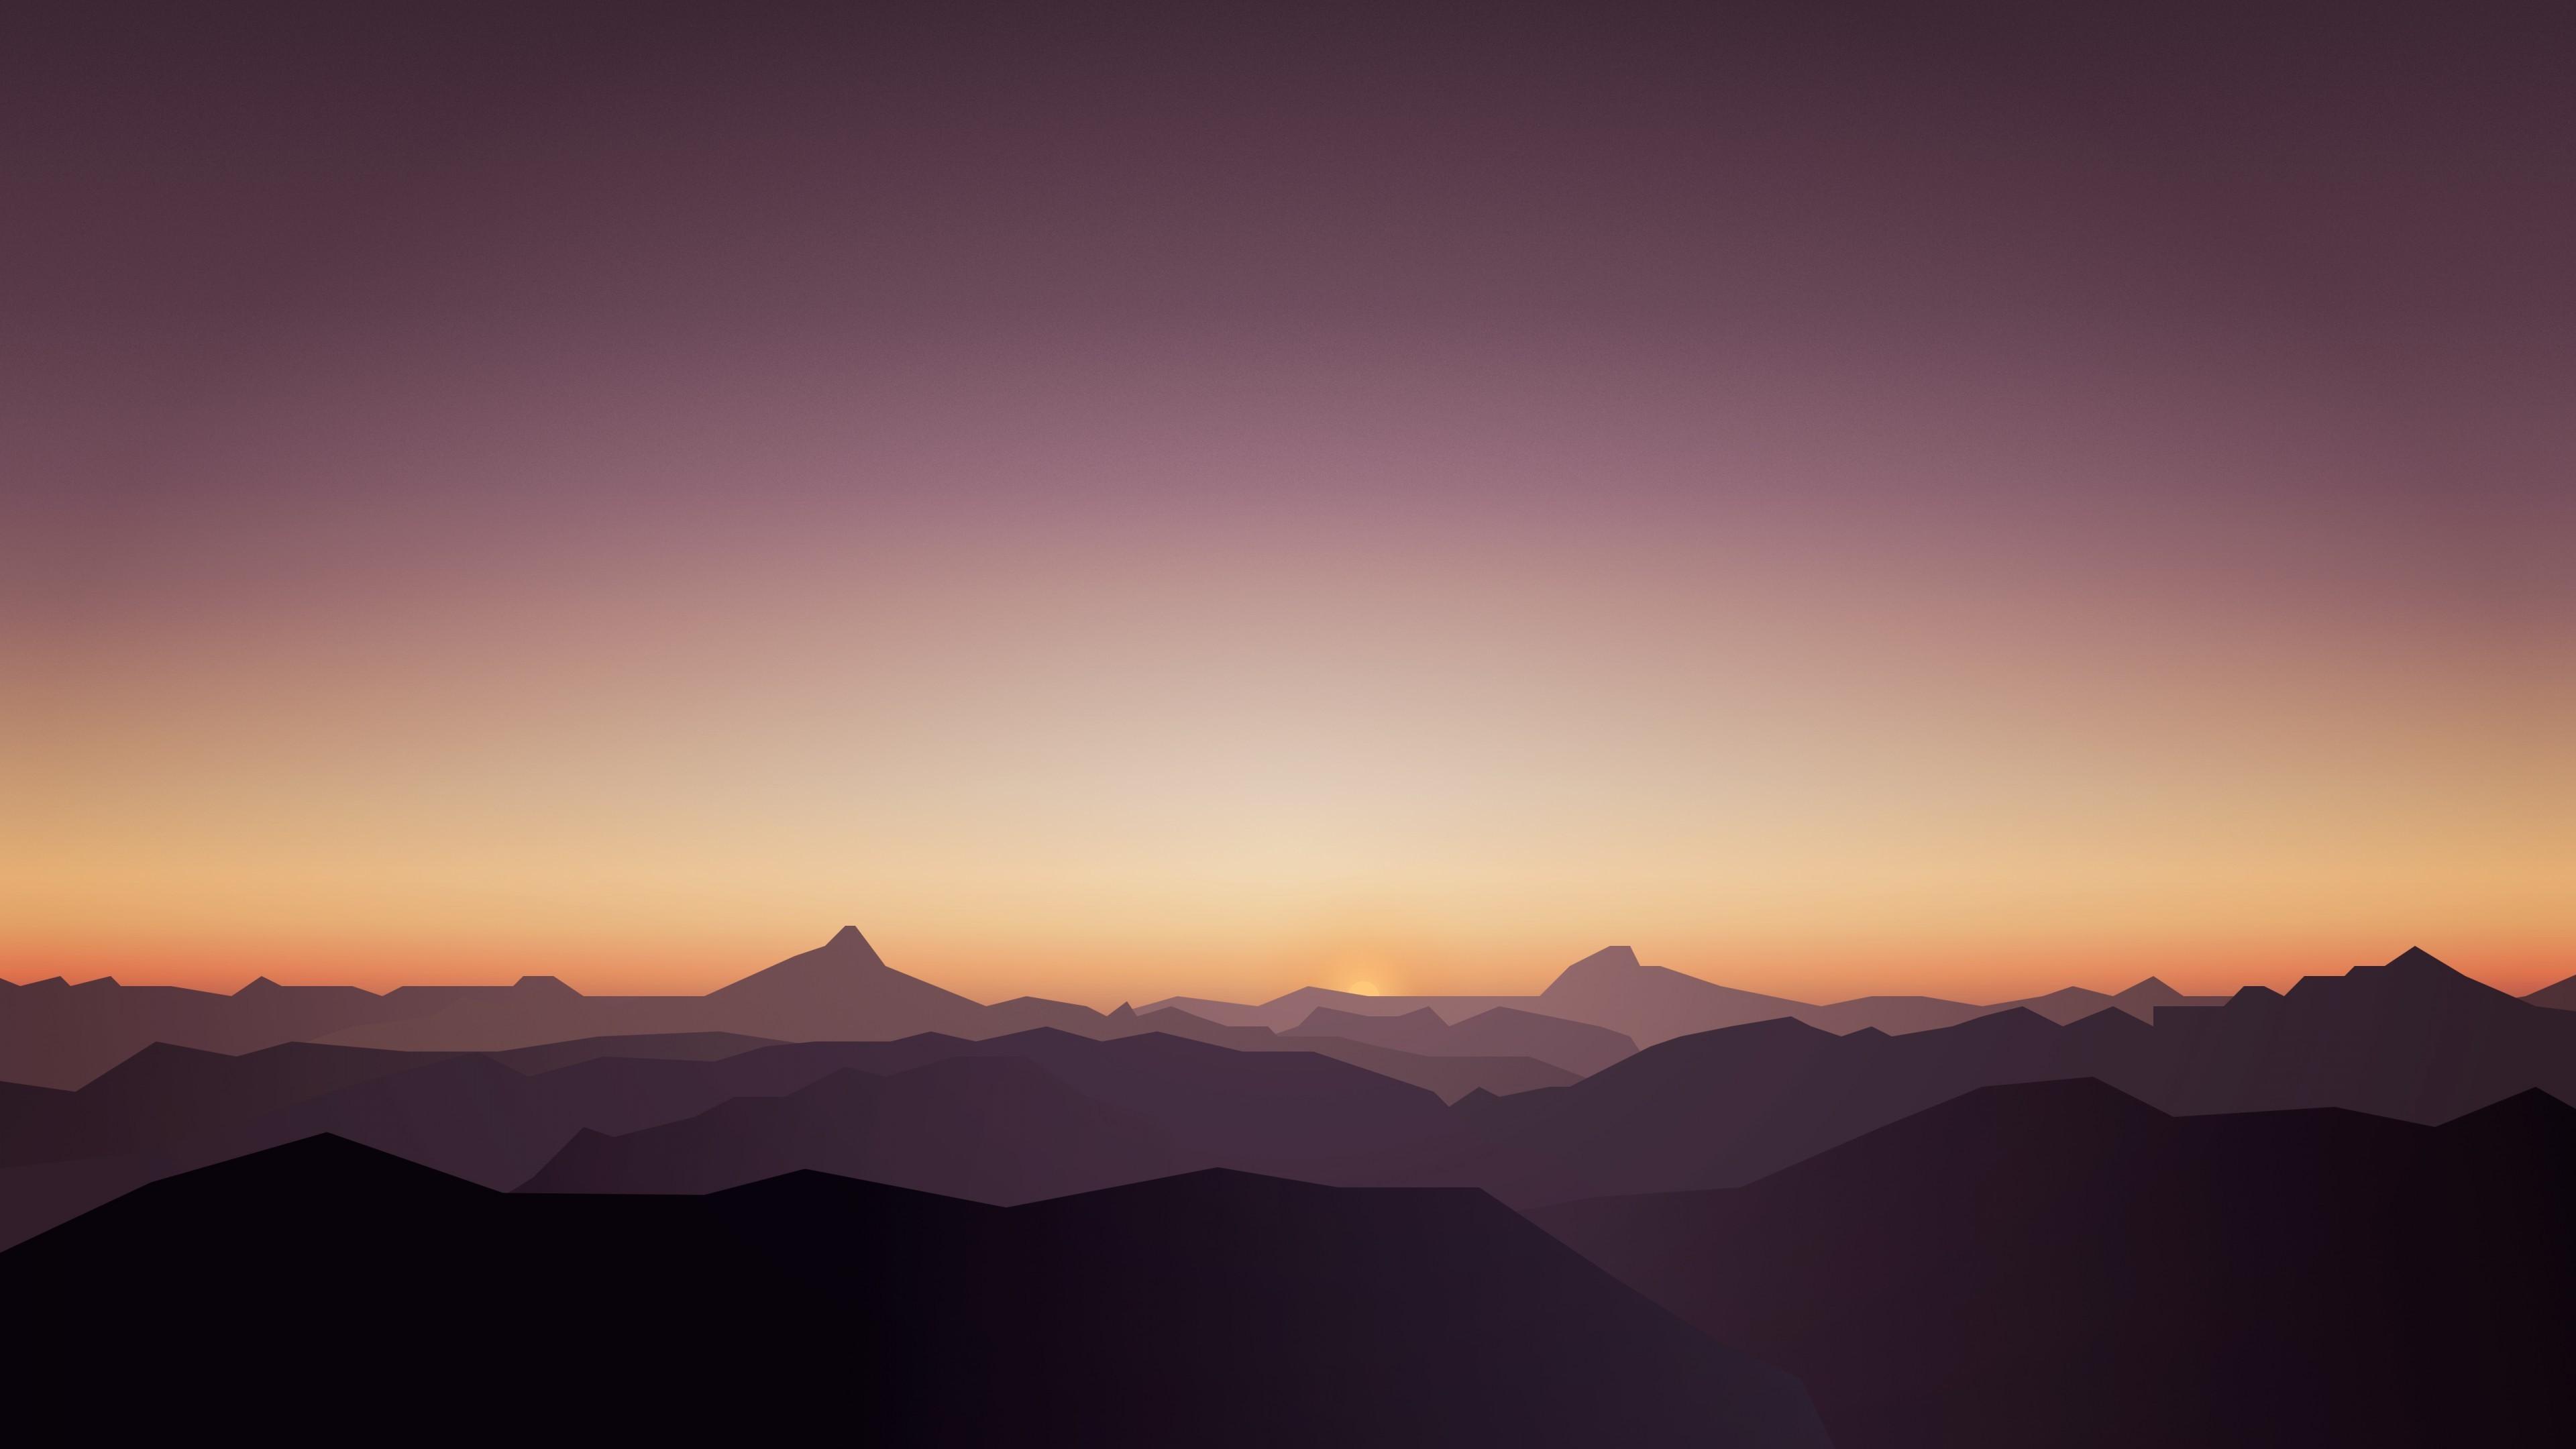 Картинка: Горы, небо, закат, туман